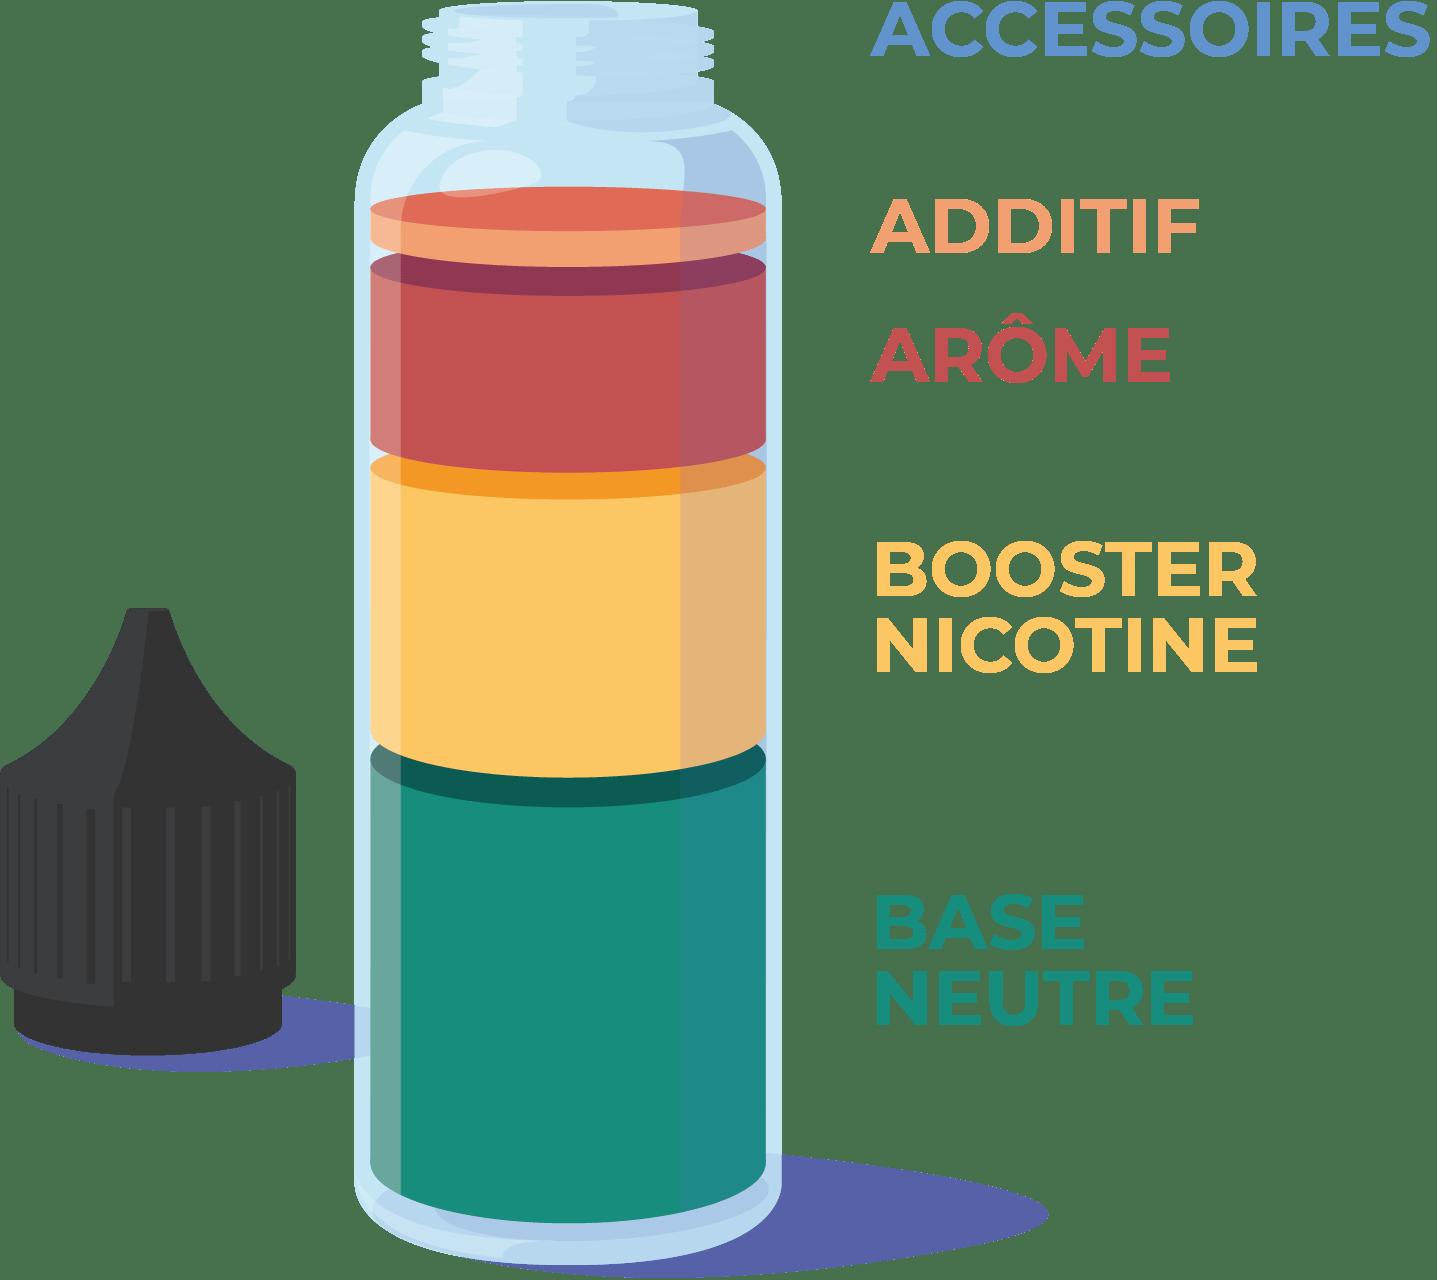 Comment faire son e-liquide DIY? Voici les différents ingrédients